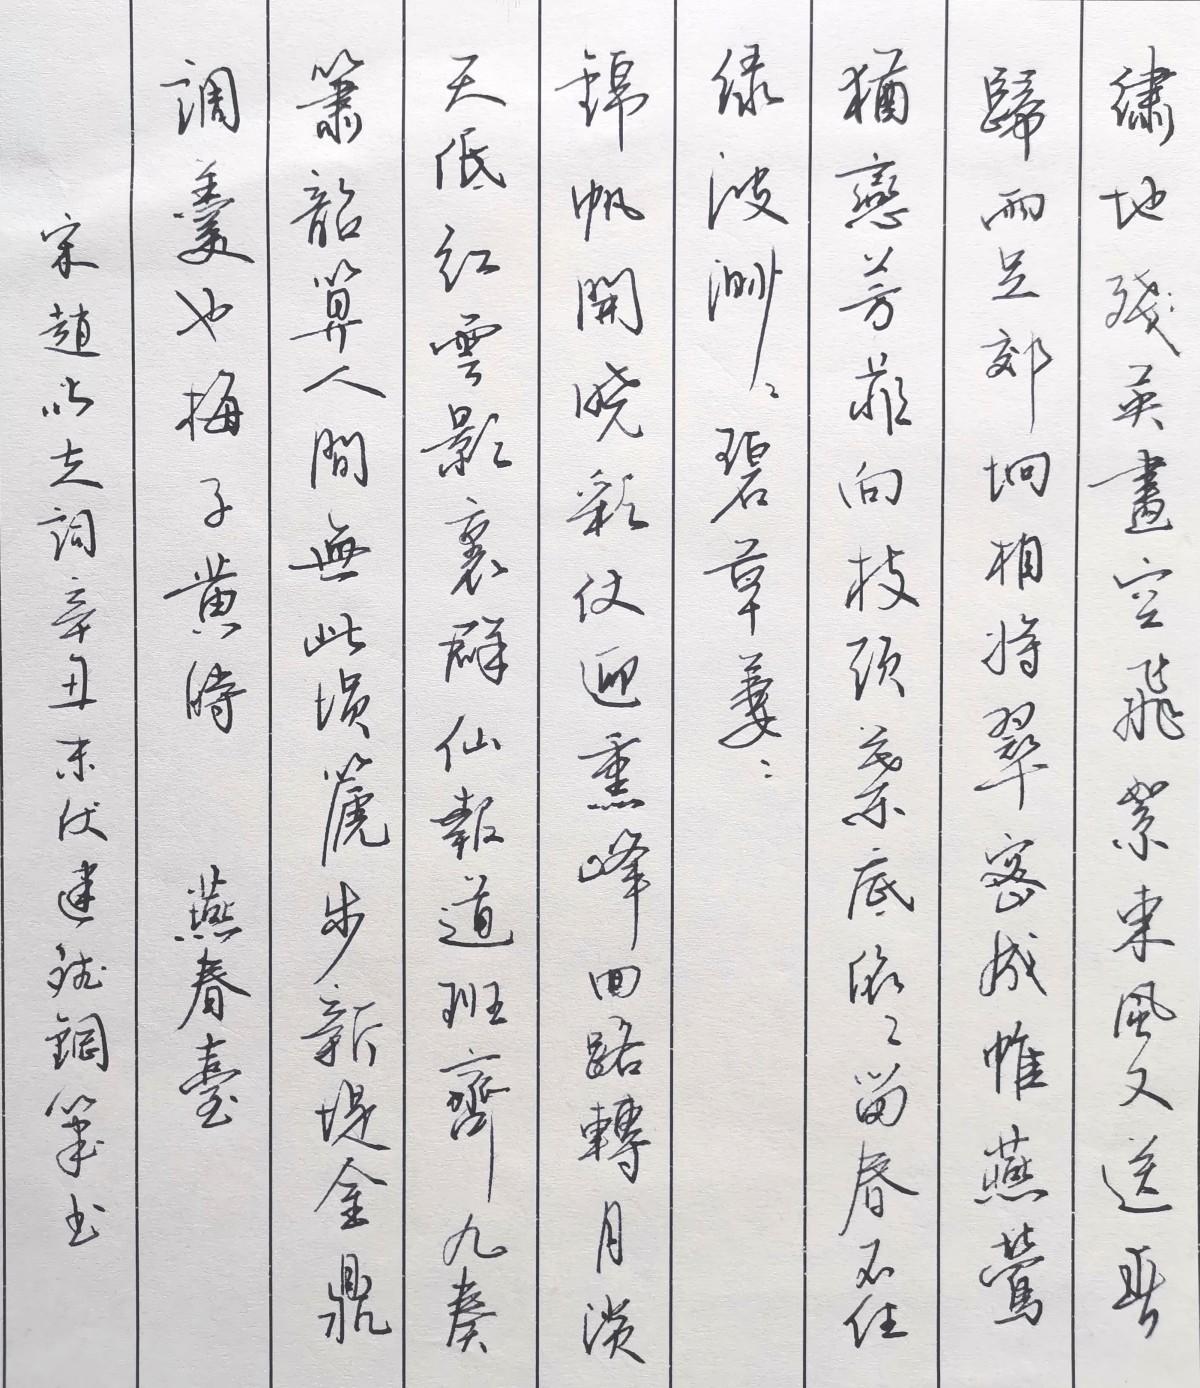 钢笔书法练字打卡20210817-04